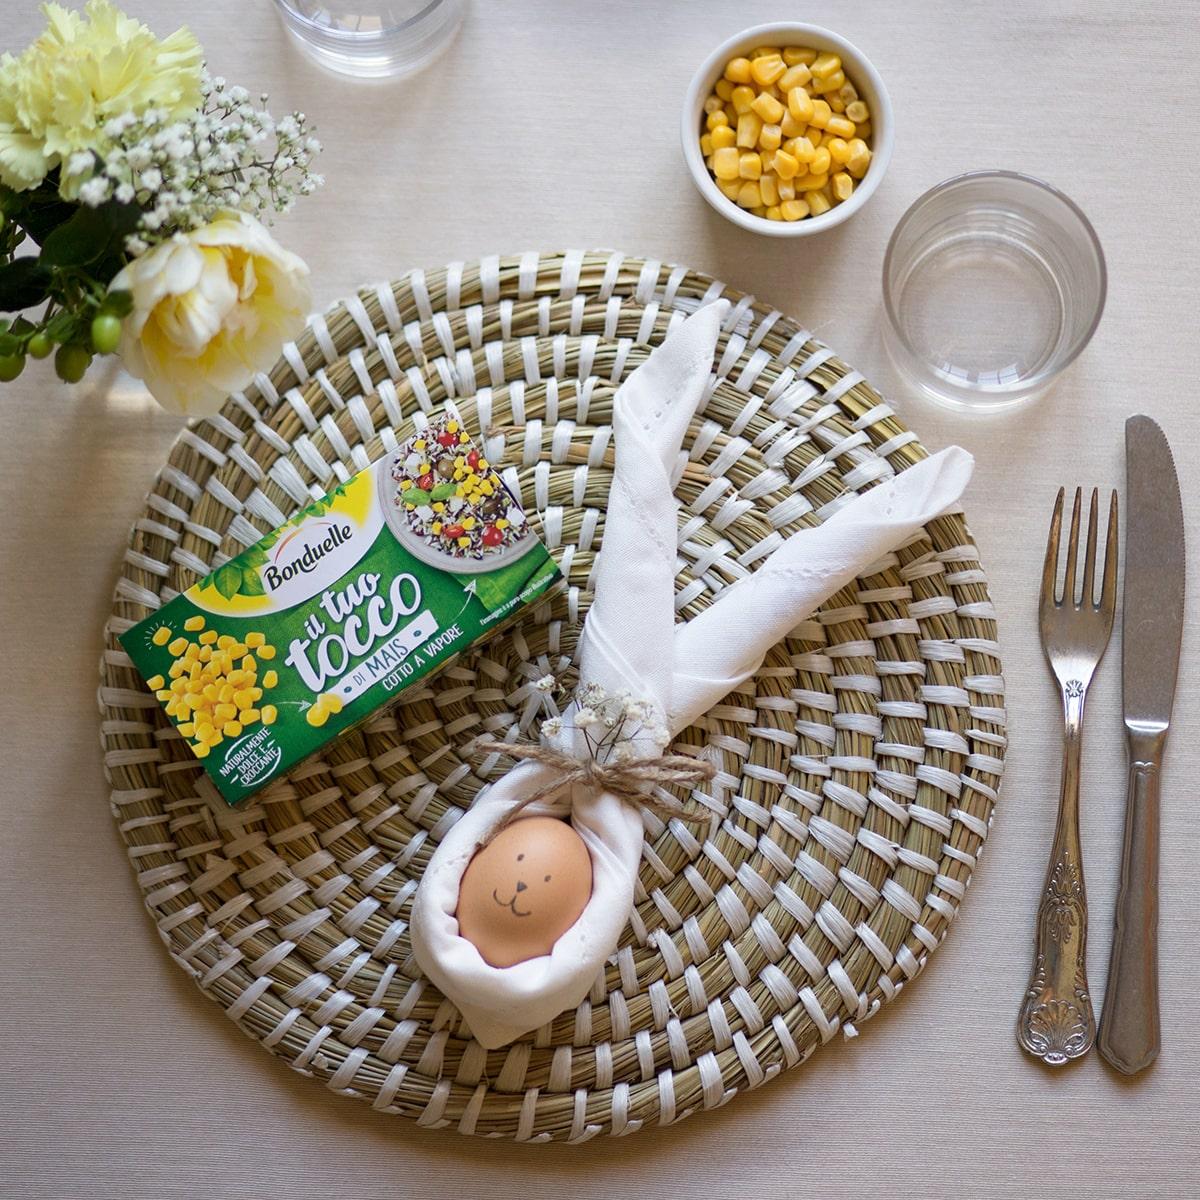 Idee pranzo di pasqua: tovagliolo a forma di coniglietto